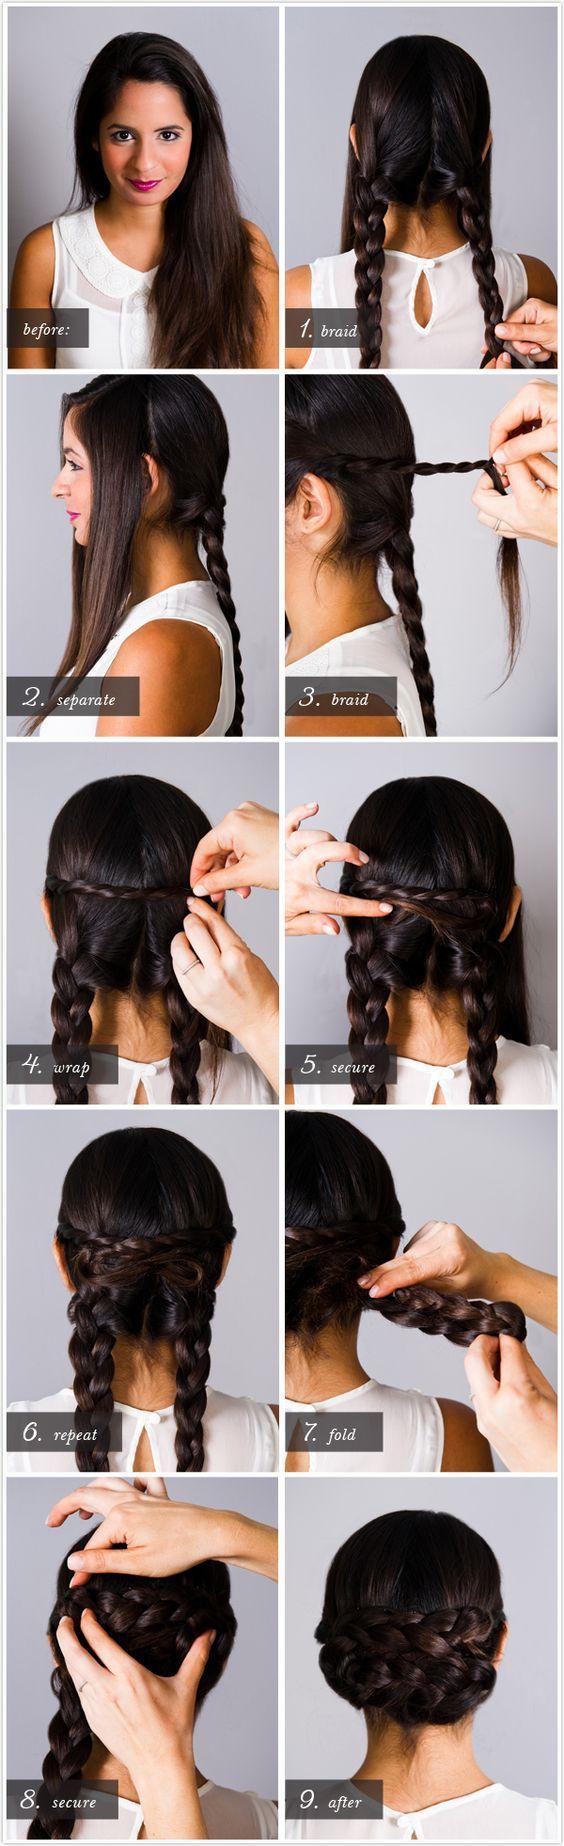 I capelli di moda di quest'estate trecce e onde Bene ragazze si continua con i consigli di bellezza..questa volta tocca ai nostri beati capelli...lunghi o